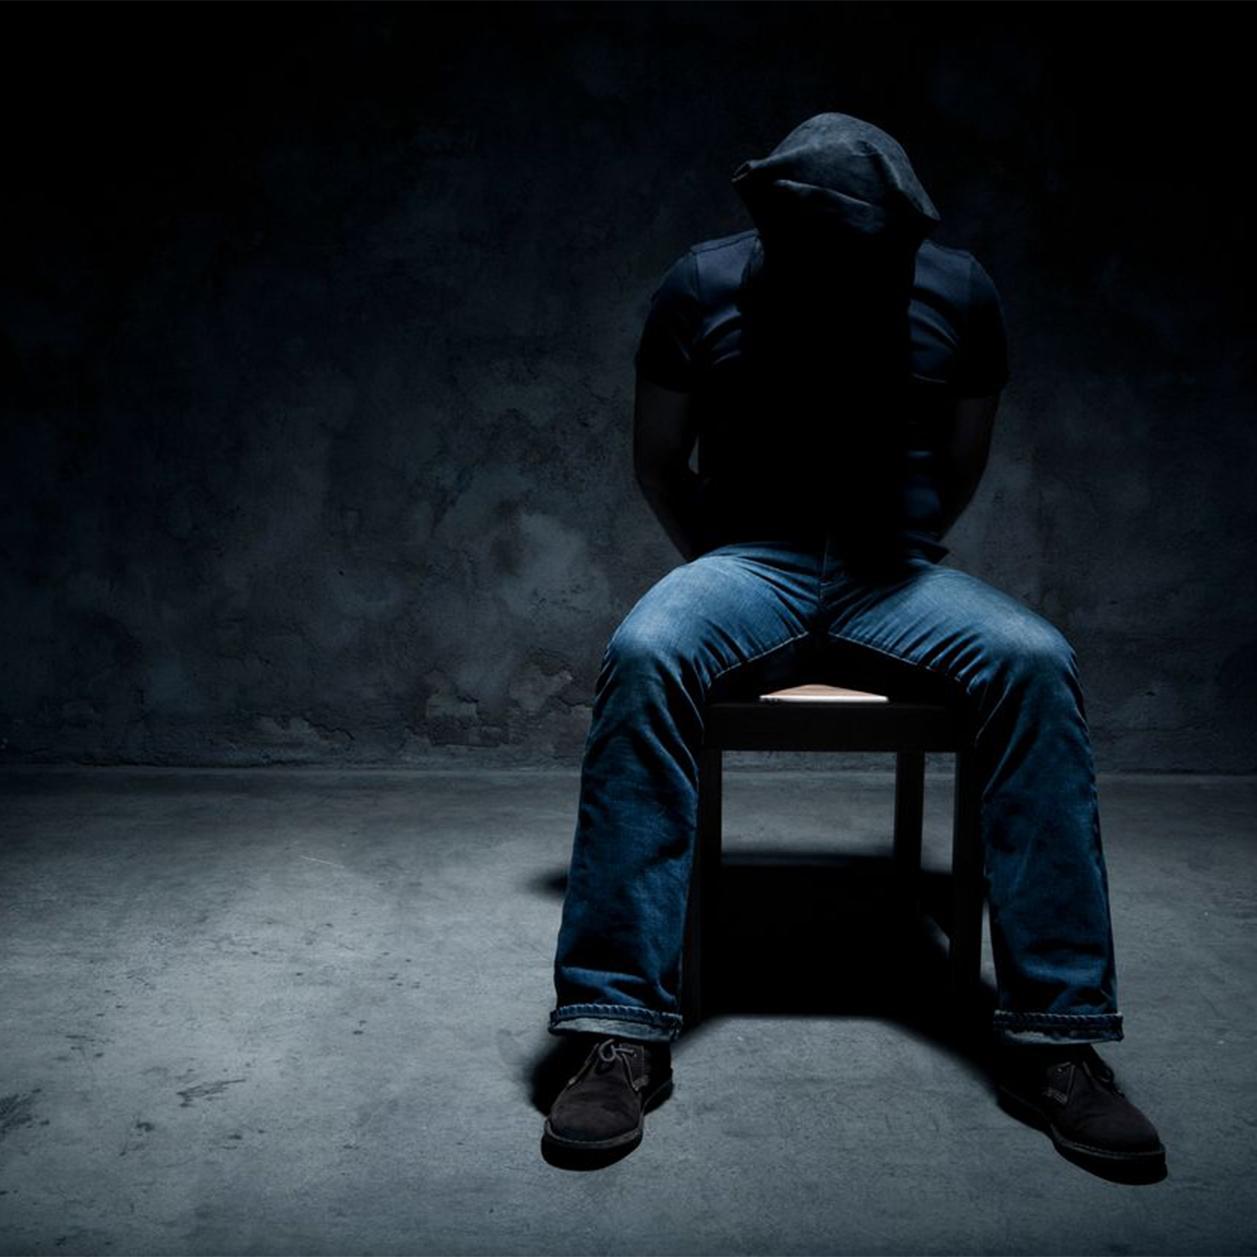 Effroyable ! Un adolescent de 16 ans torturé au chalumeau dans une cave à Marseille